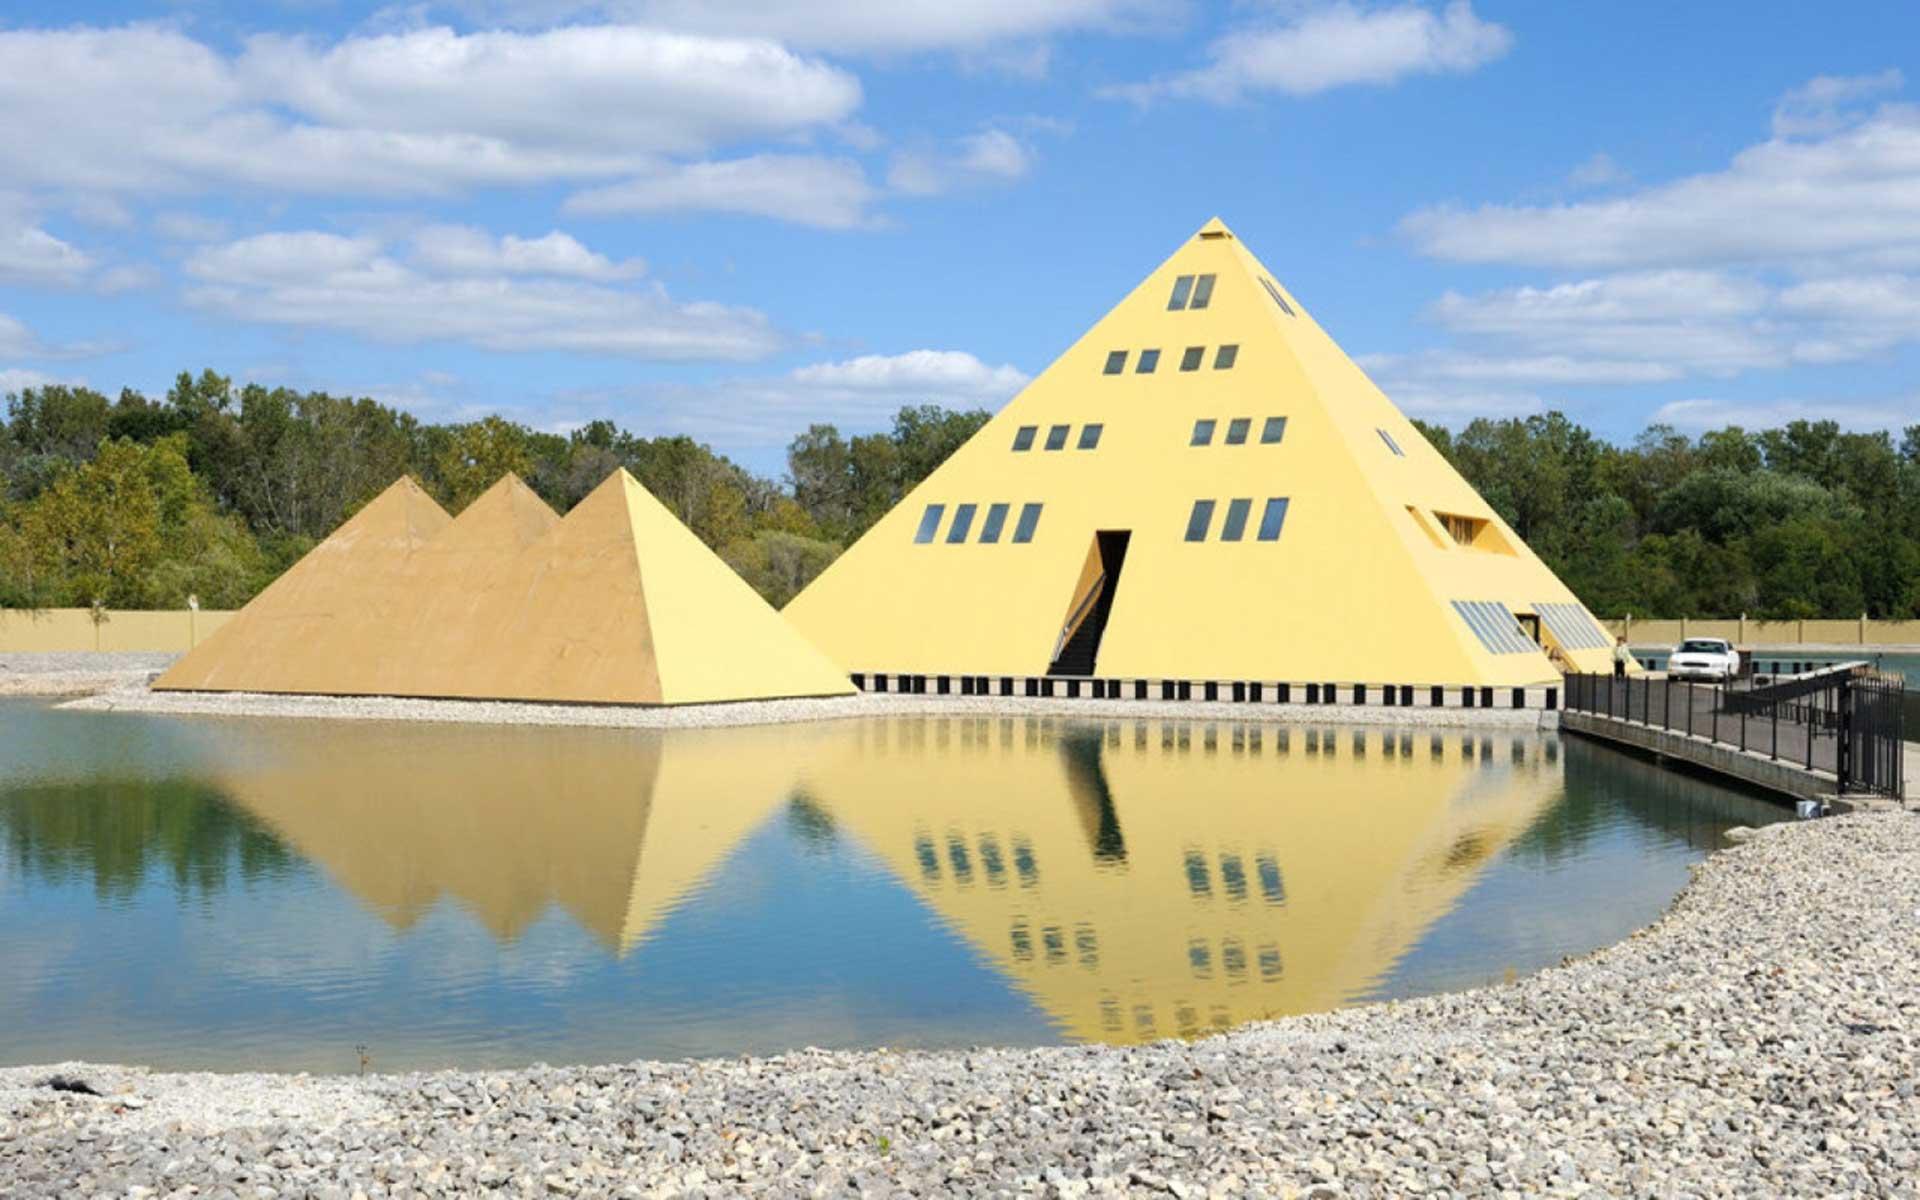 La asombrosa casa pirámide que genera energía y agua de manantial